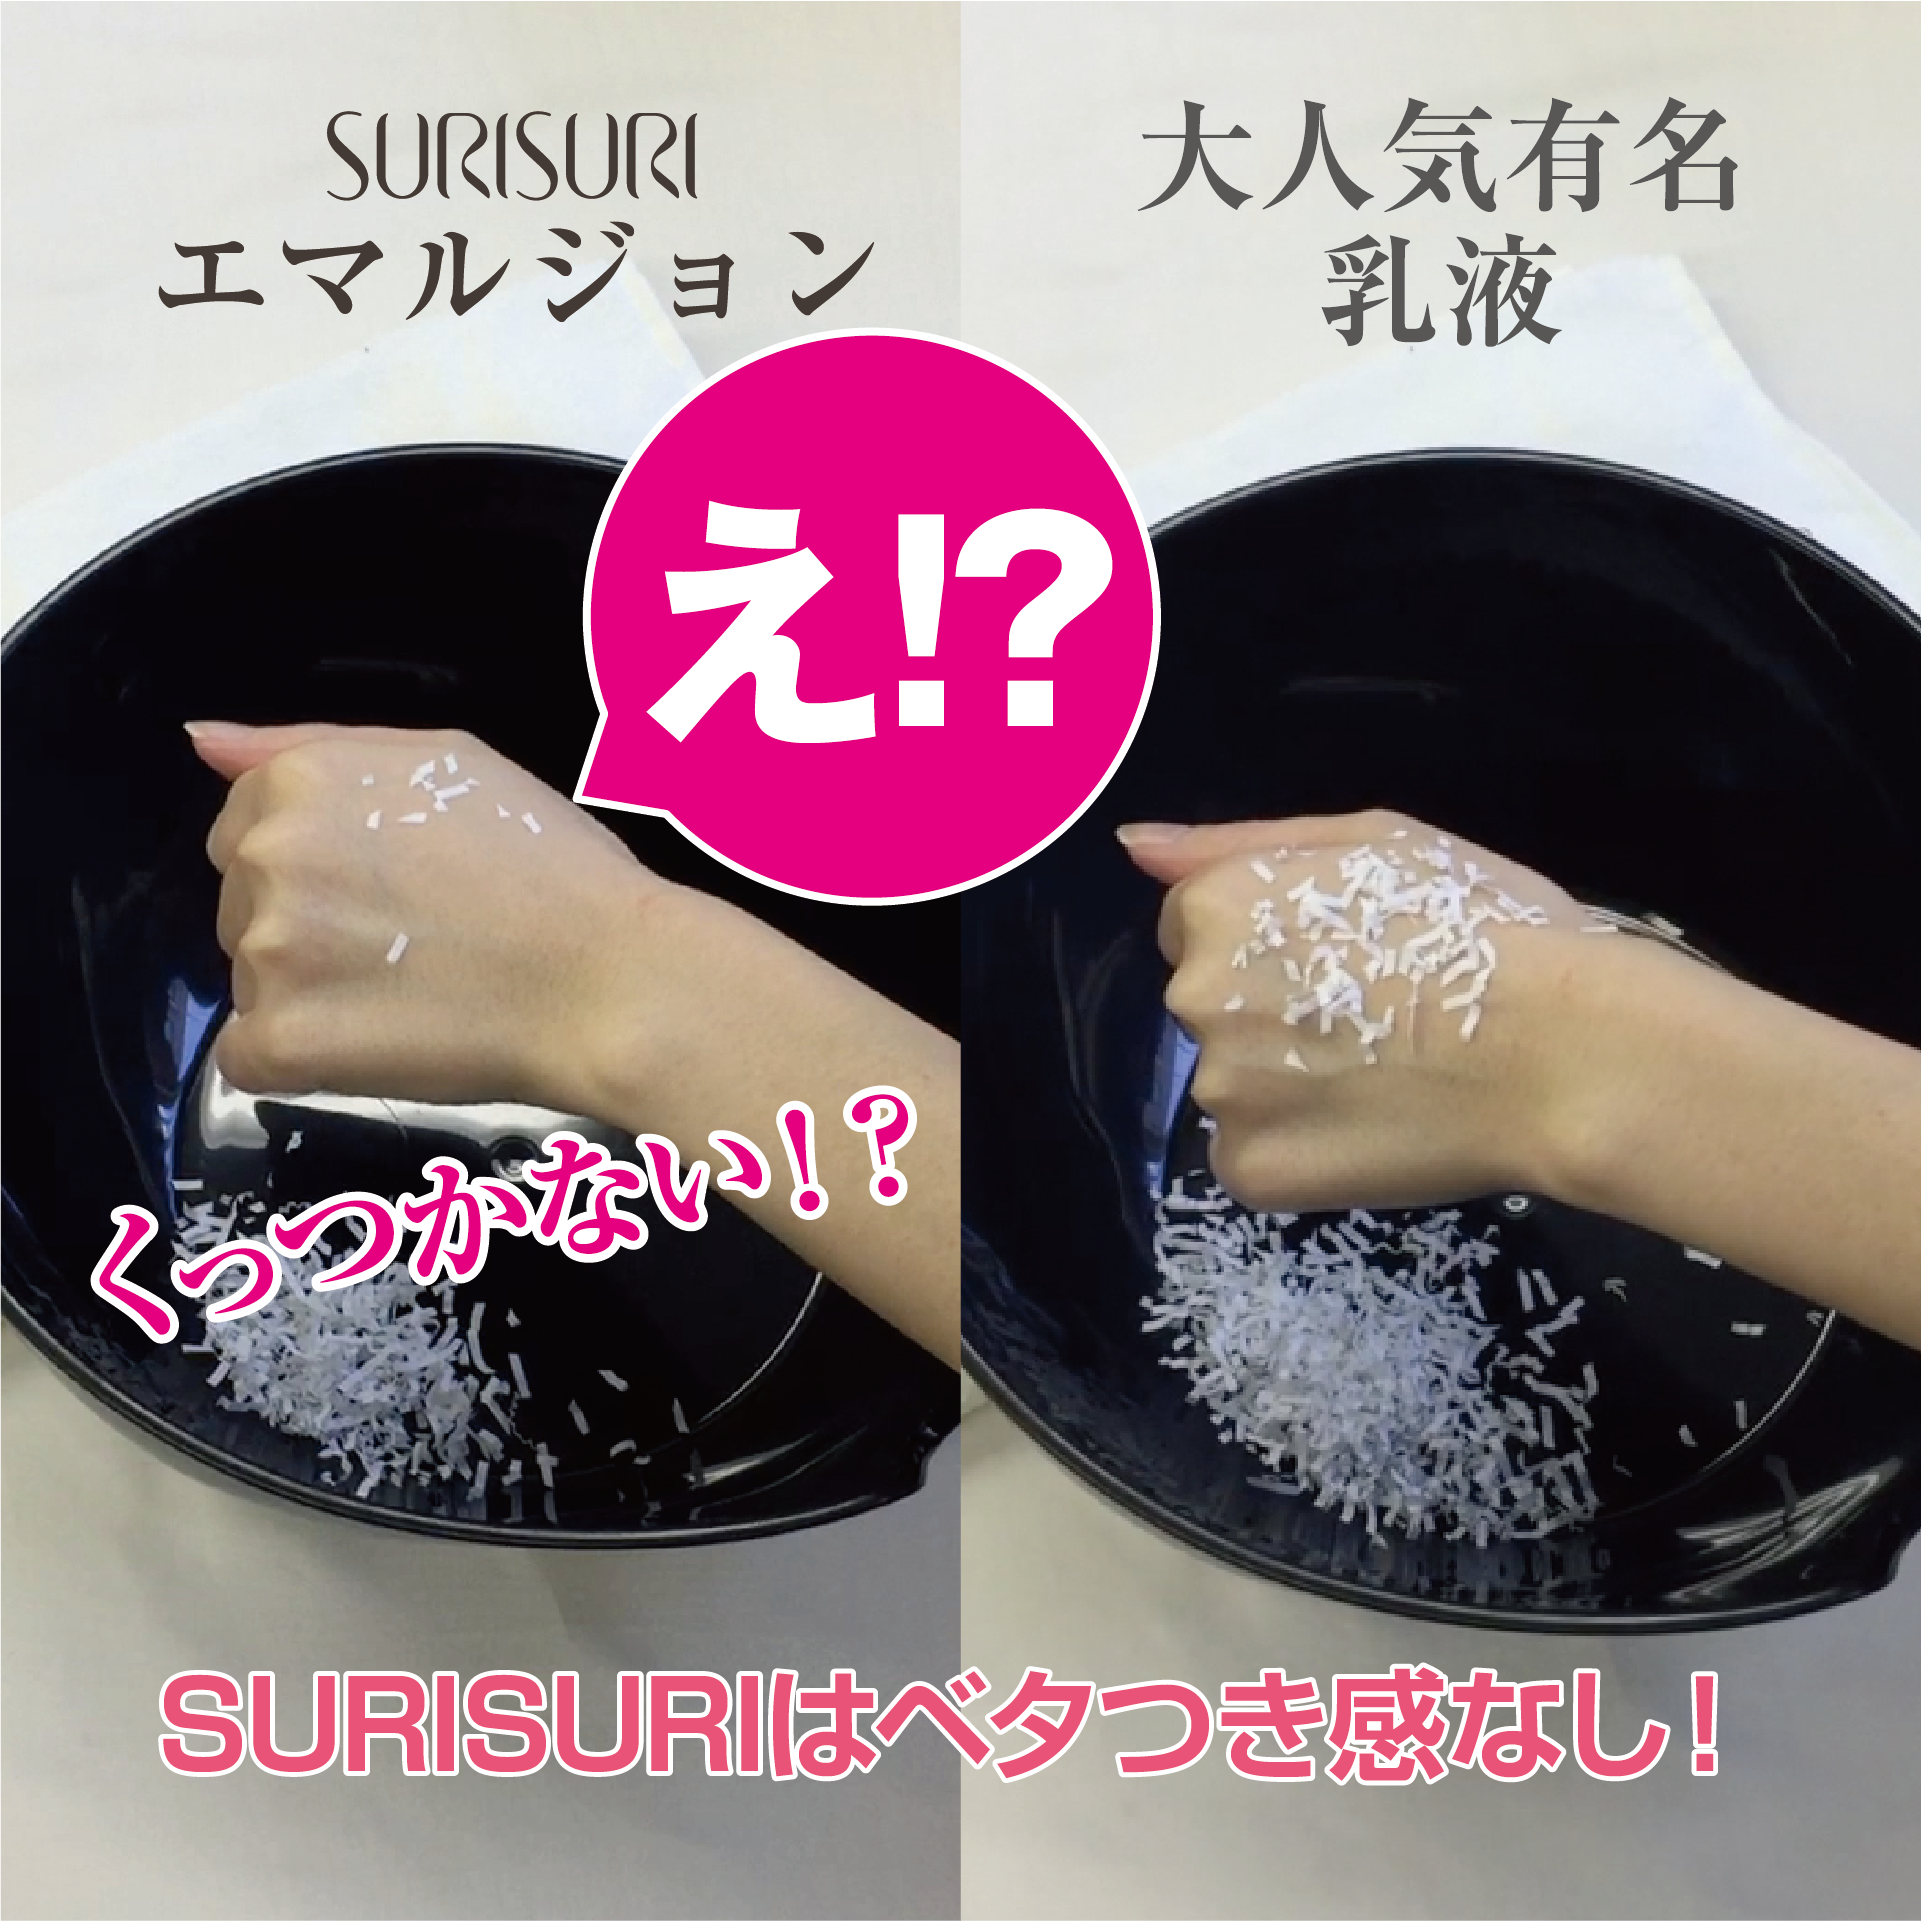 SURISURI エマルジョン/RBP/乳液を使ったクチコミ(1枚目)